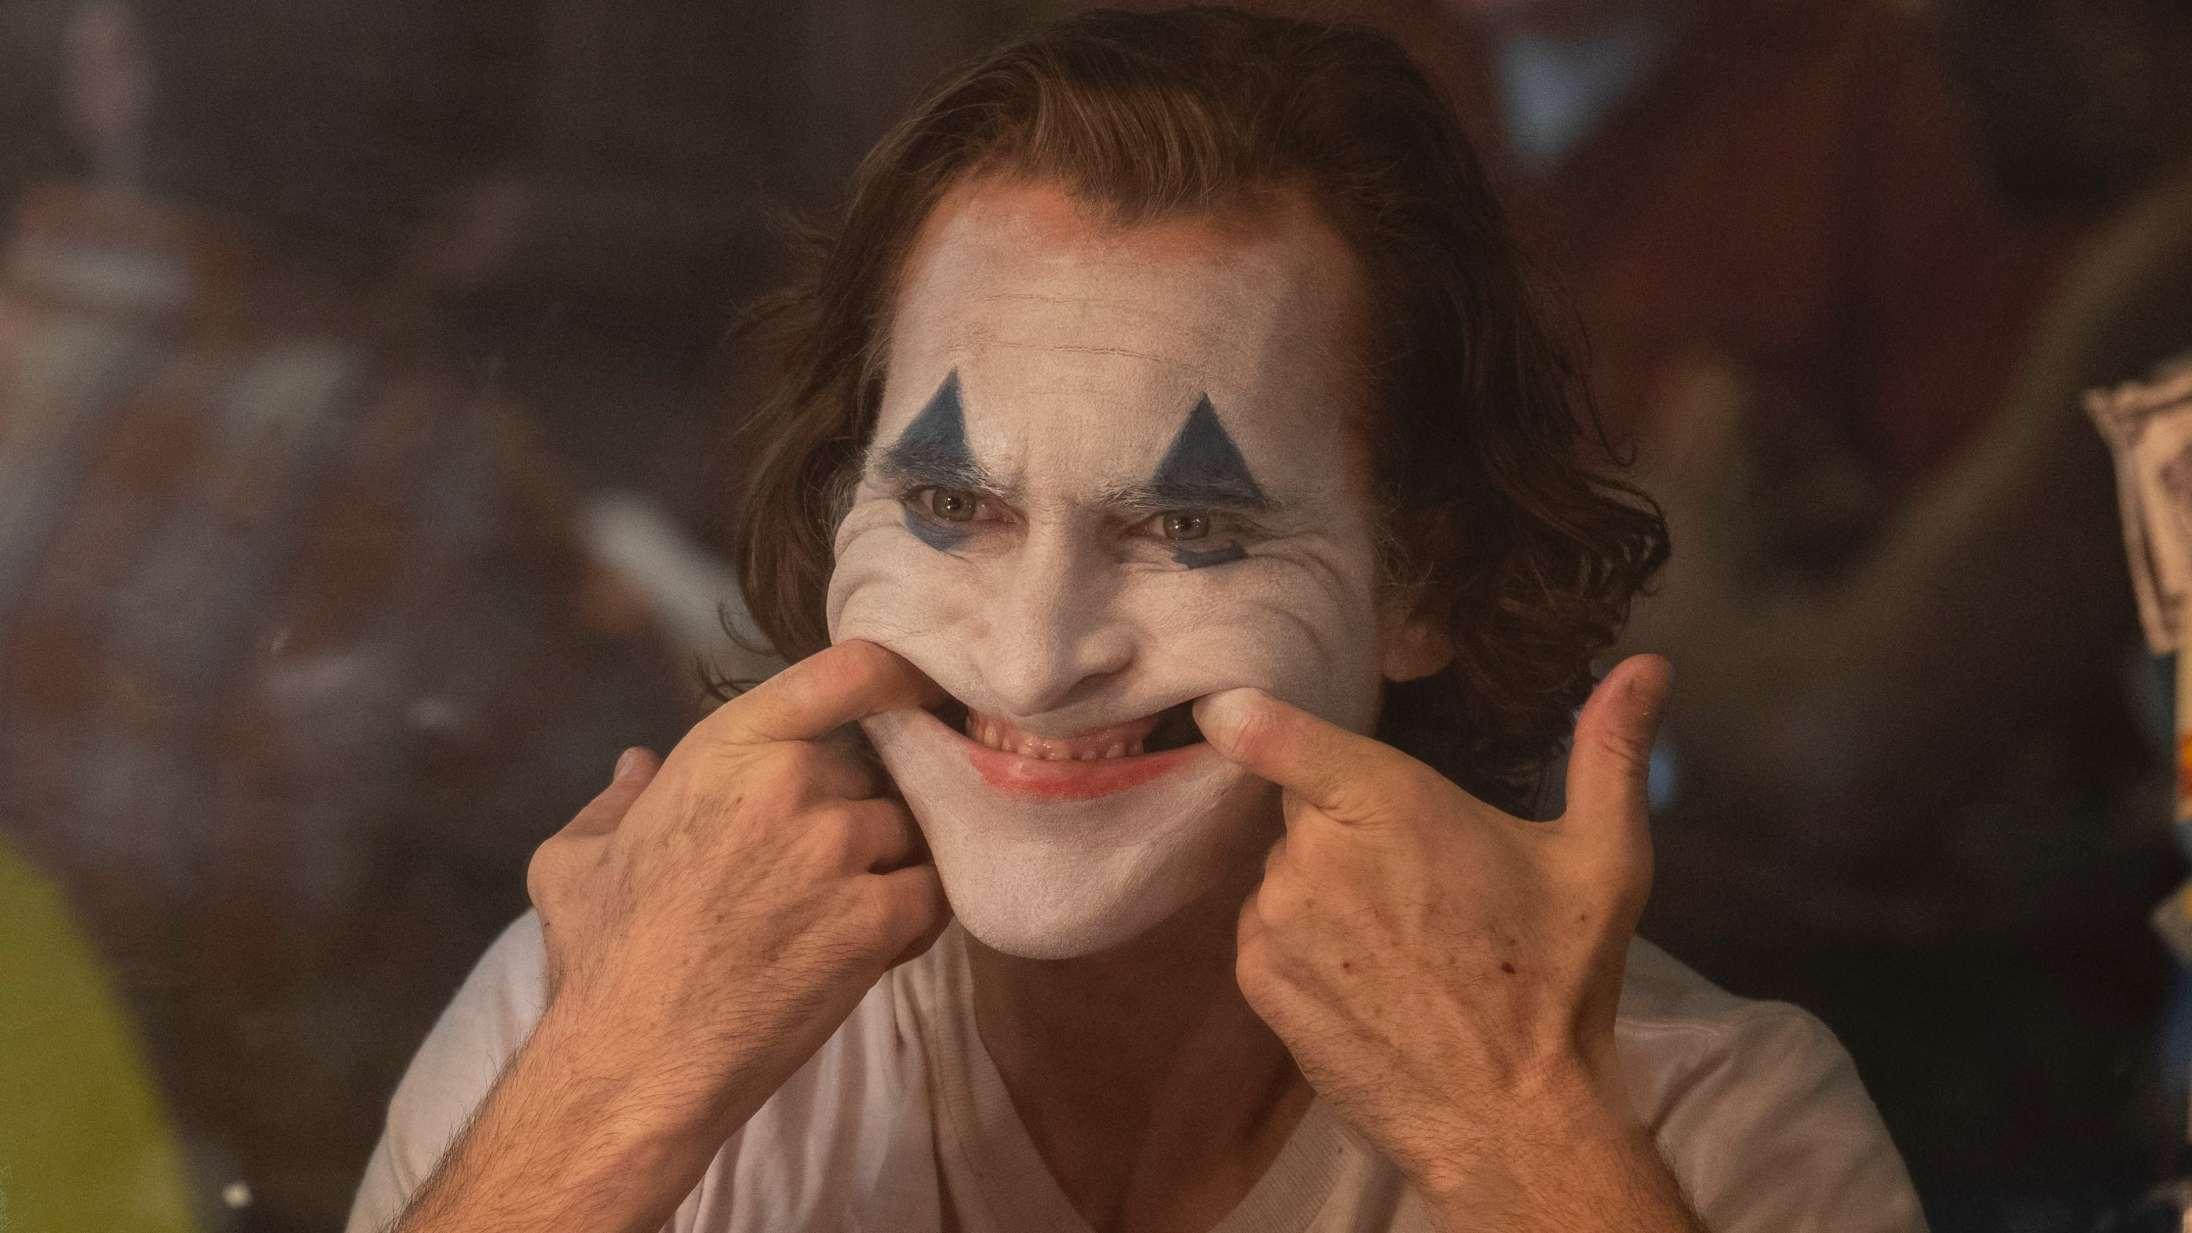 Kæmpe triumf for 'Joker' ved årets Oscar-nomineringer – se hele listen